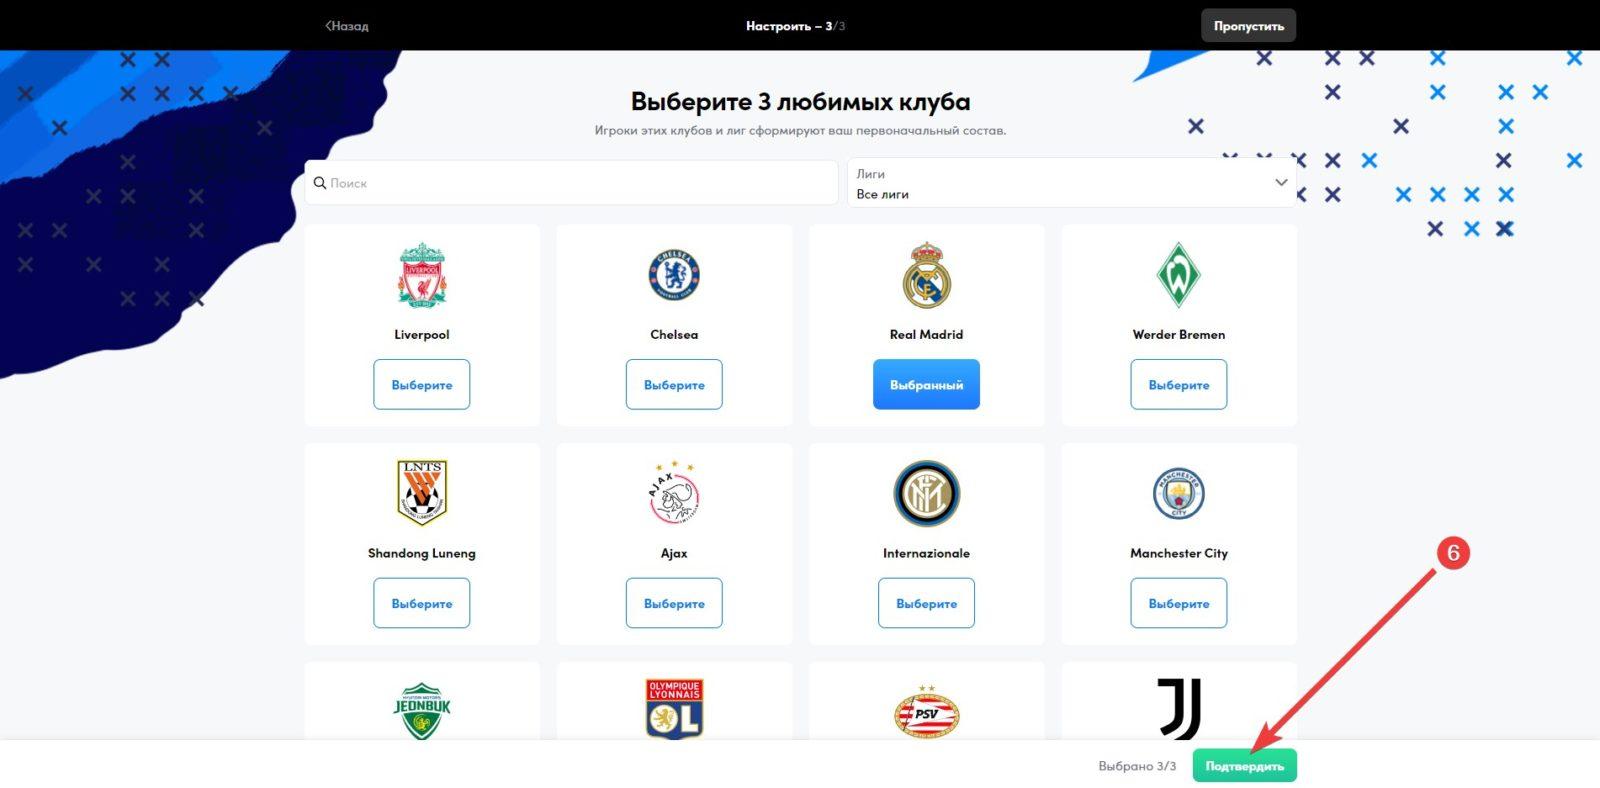 Выбрать 3 клуба для первоначального состава, в игре Sorare